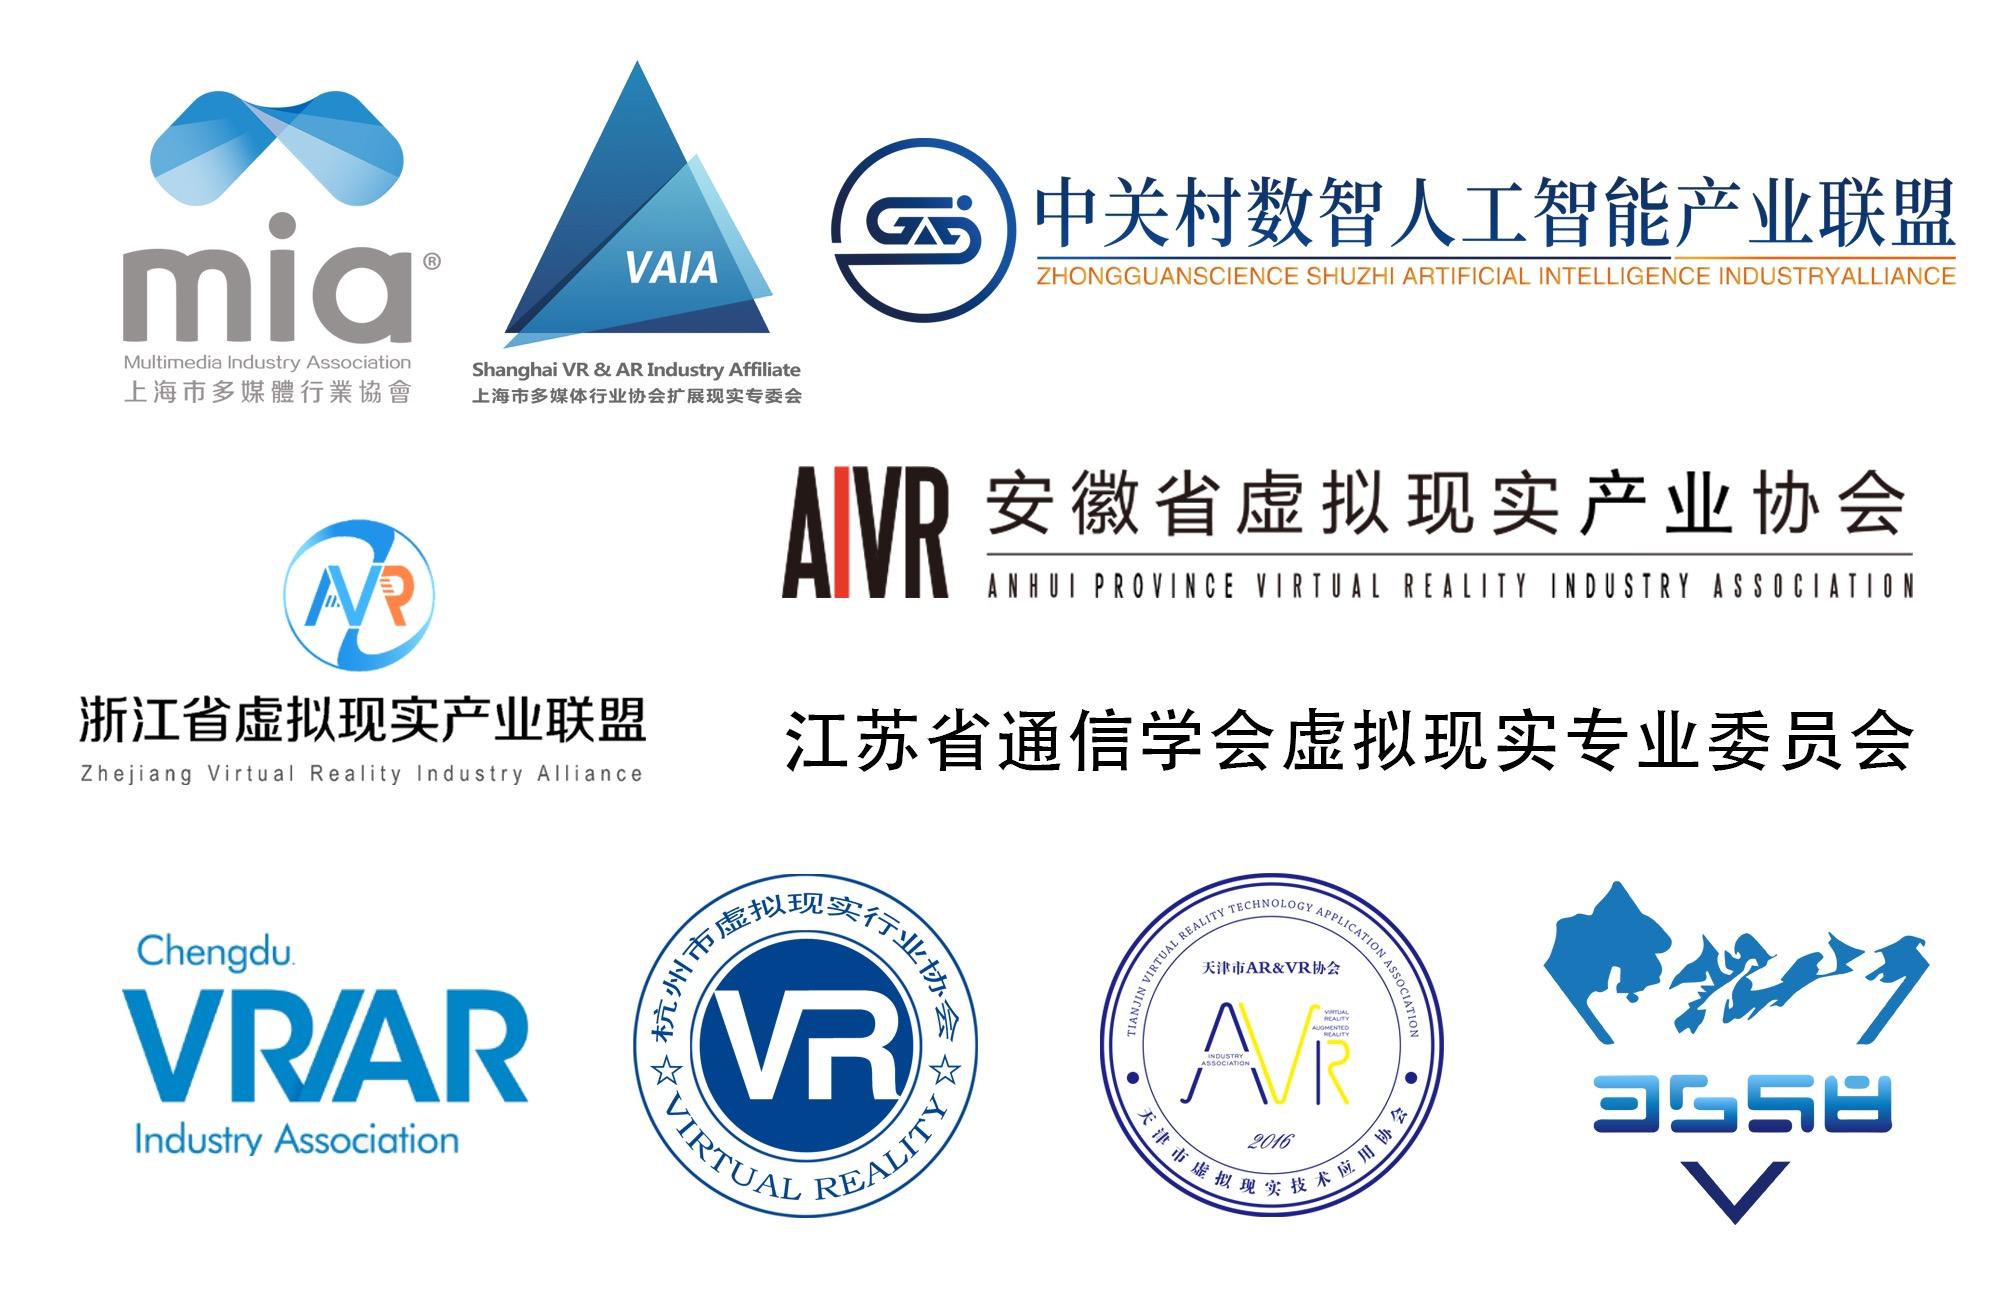 上海市多媒体行业协会召开《扩展现实设备对视觉健康影响的测试和评价方法》团体标准立项研讨会